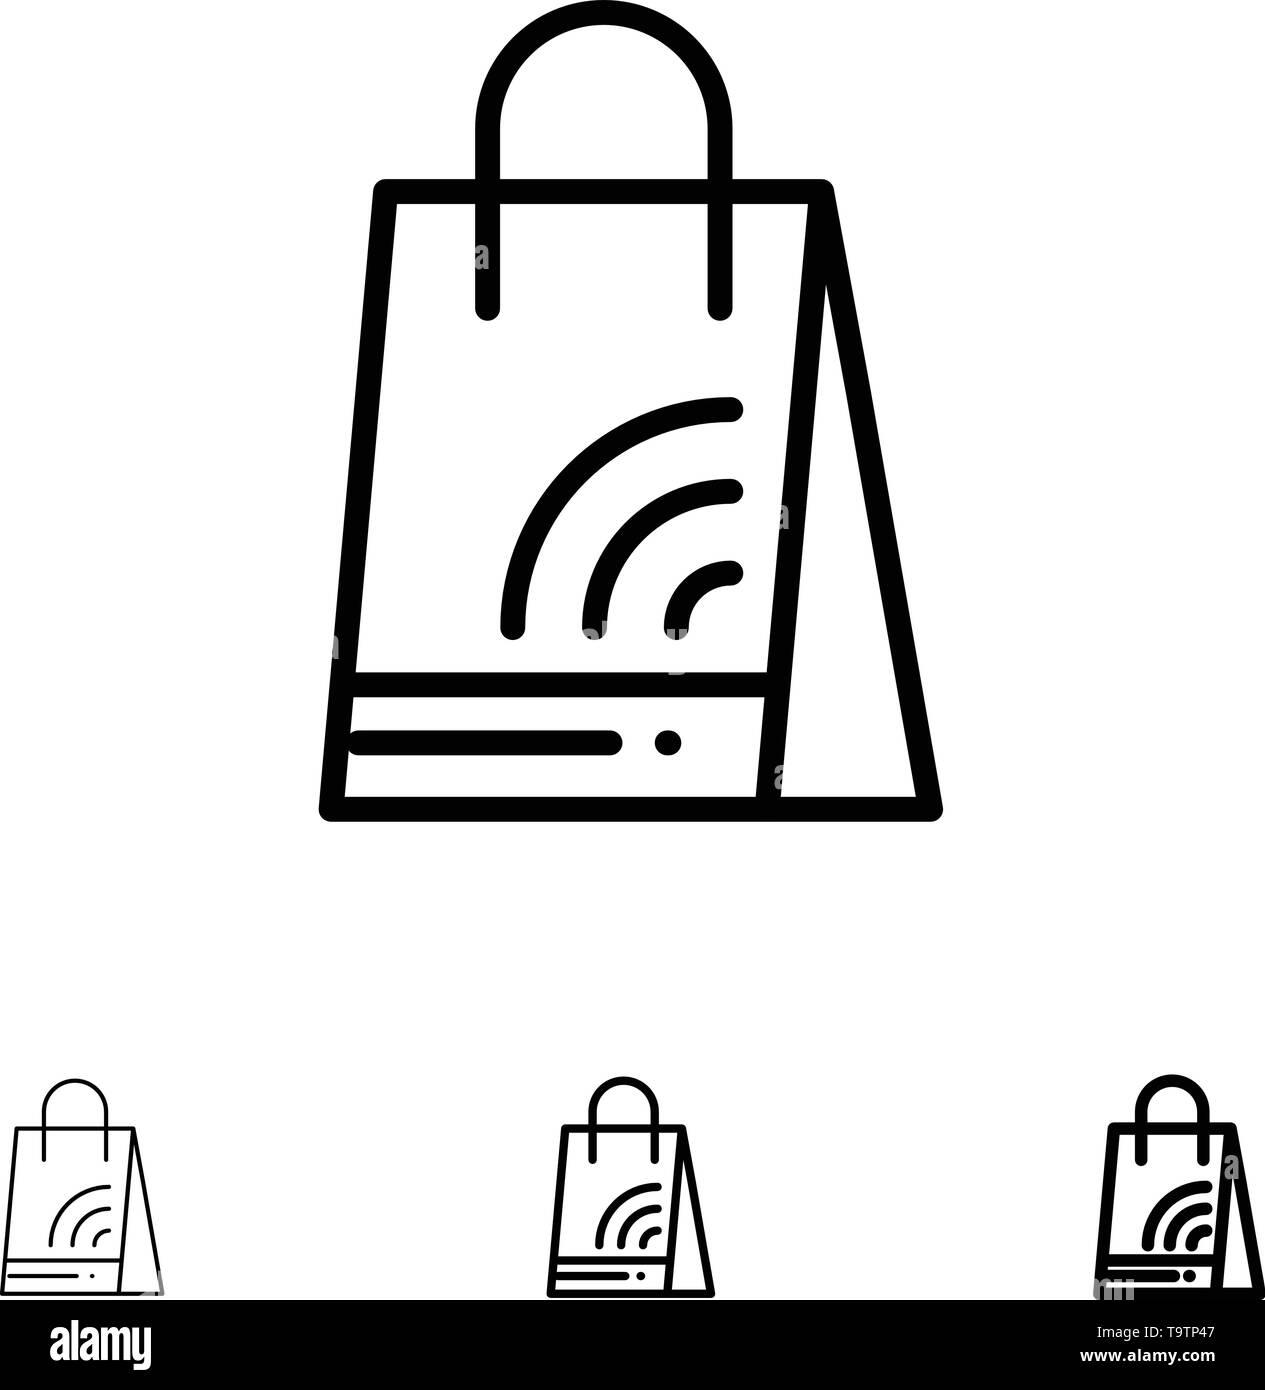 Bag, Handbag, Wifi, Shopping Bold and thin black line icon set - Stock Image